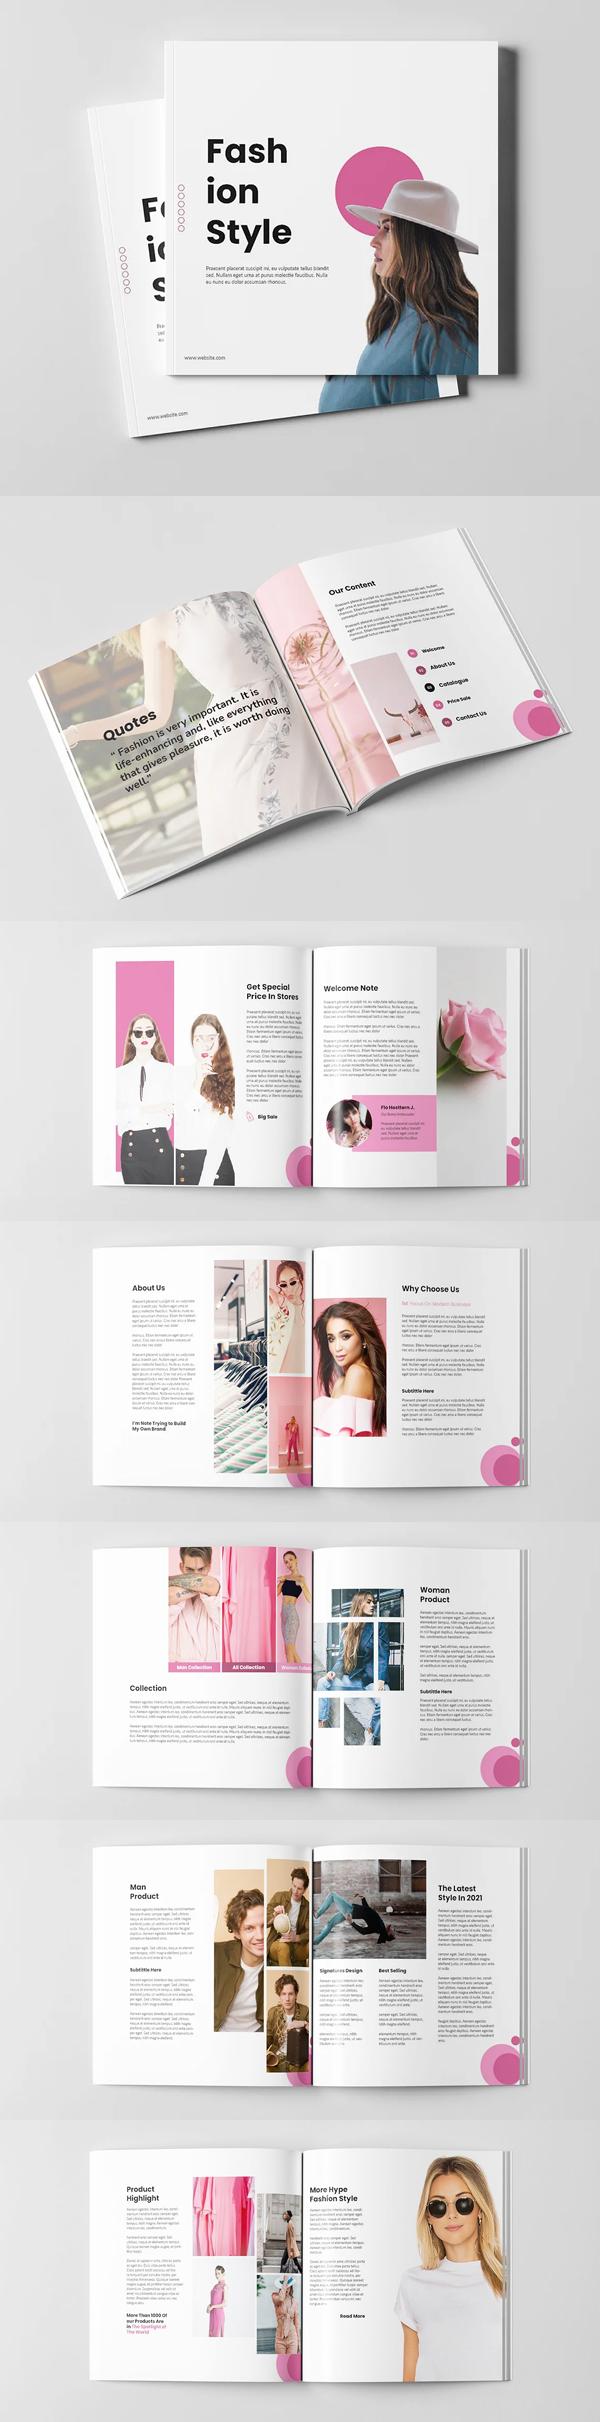 Fashion Brochure Square Template